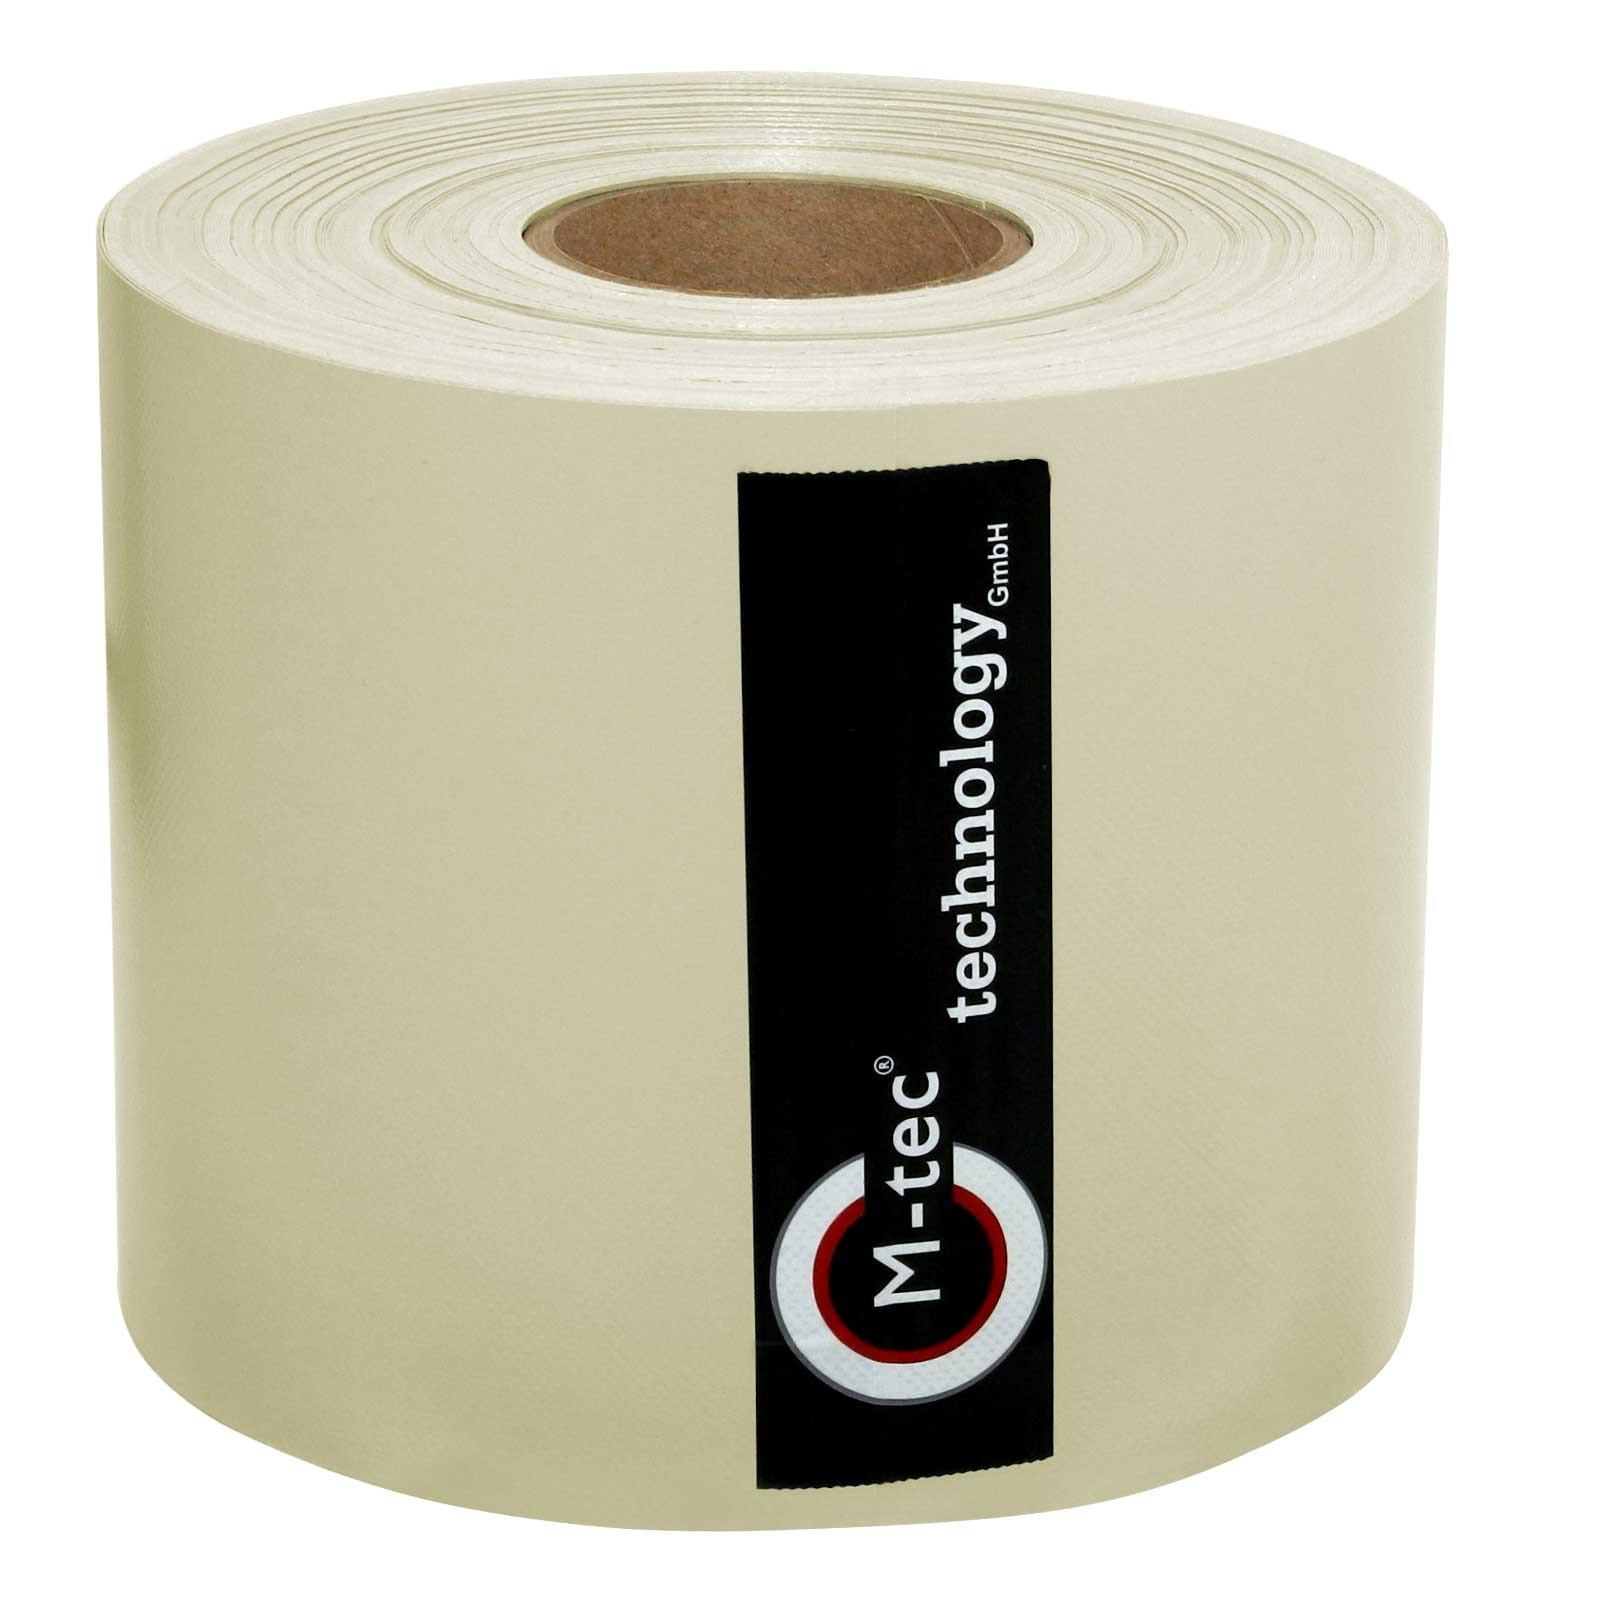 M-tec Profi-line ®  Zaunblenden Streifen creme beige